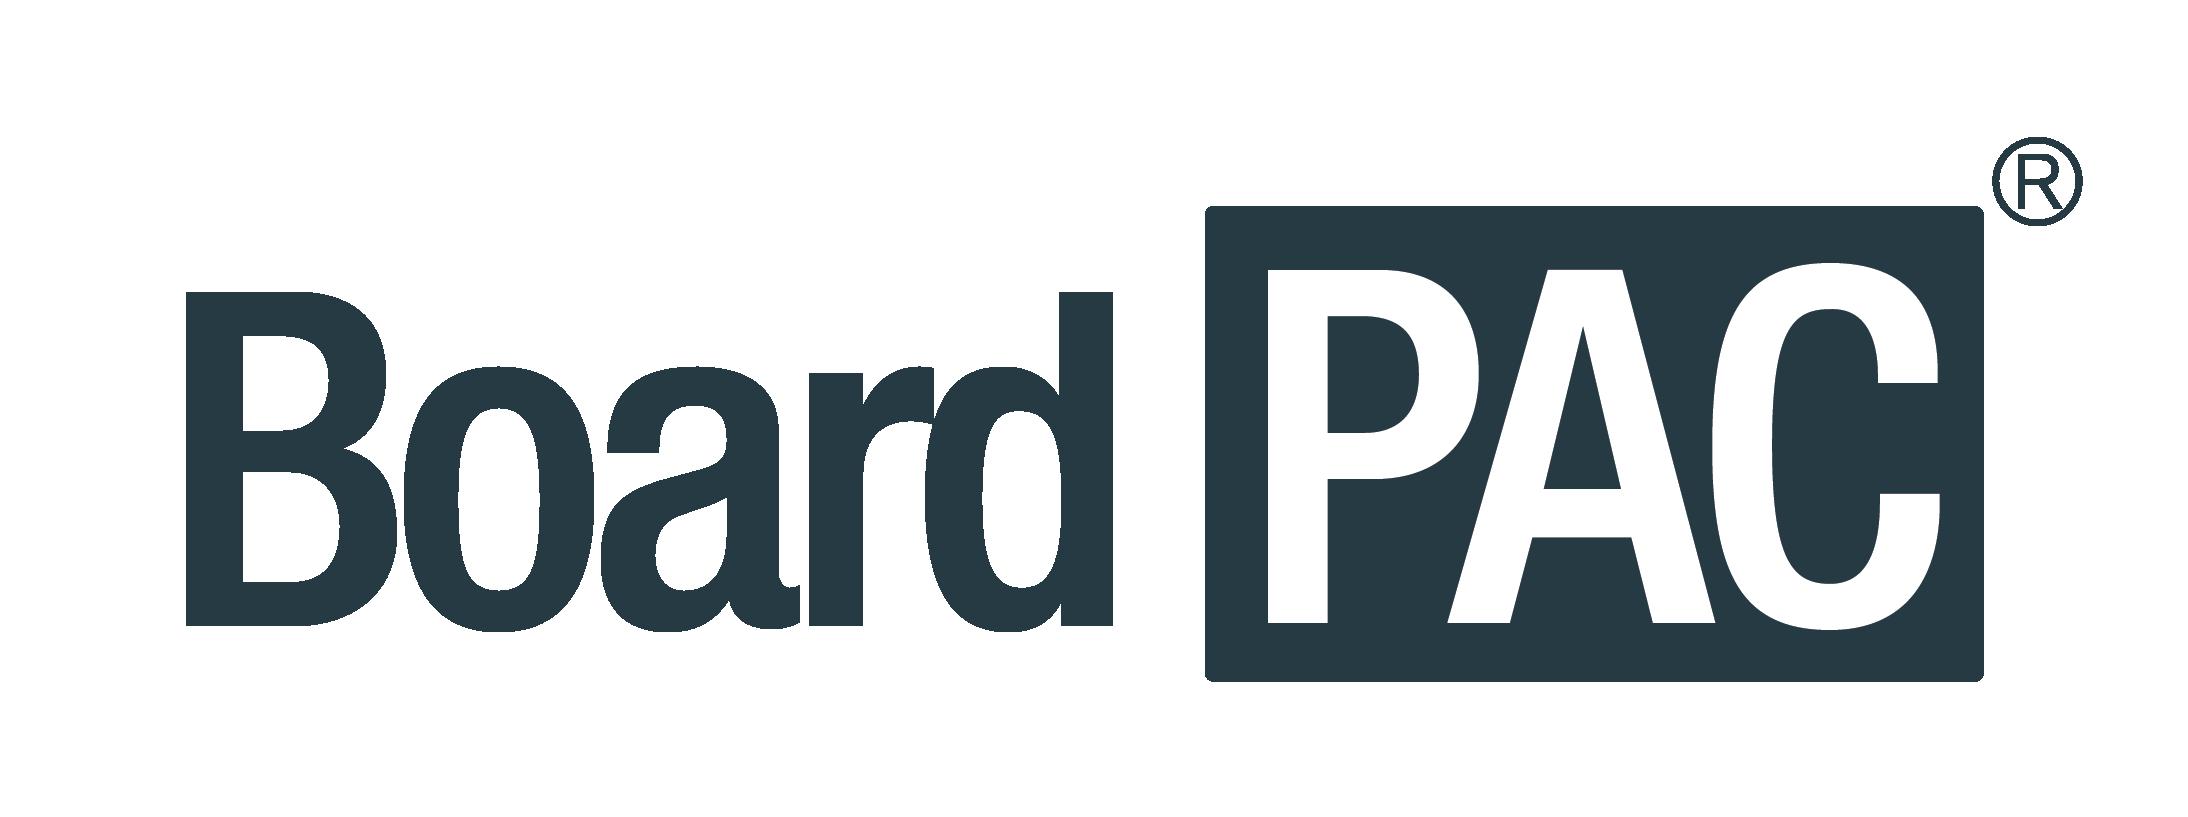 BoardPAC Pvt Ltd